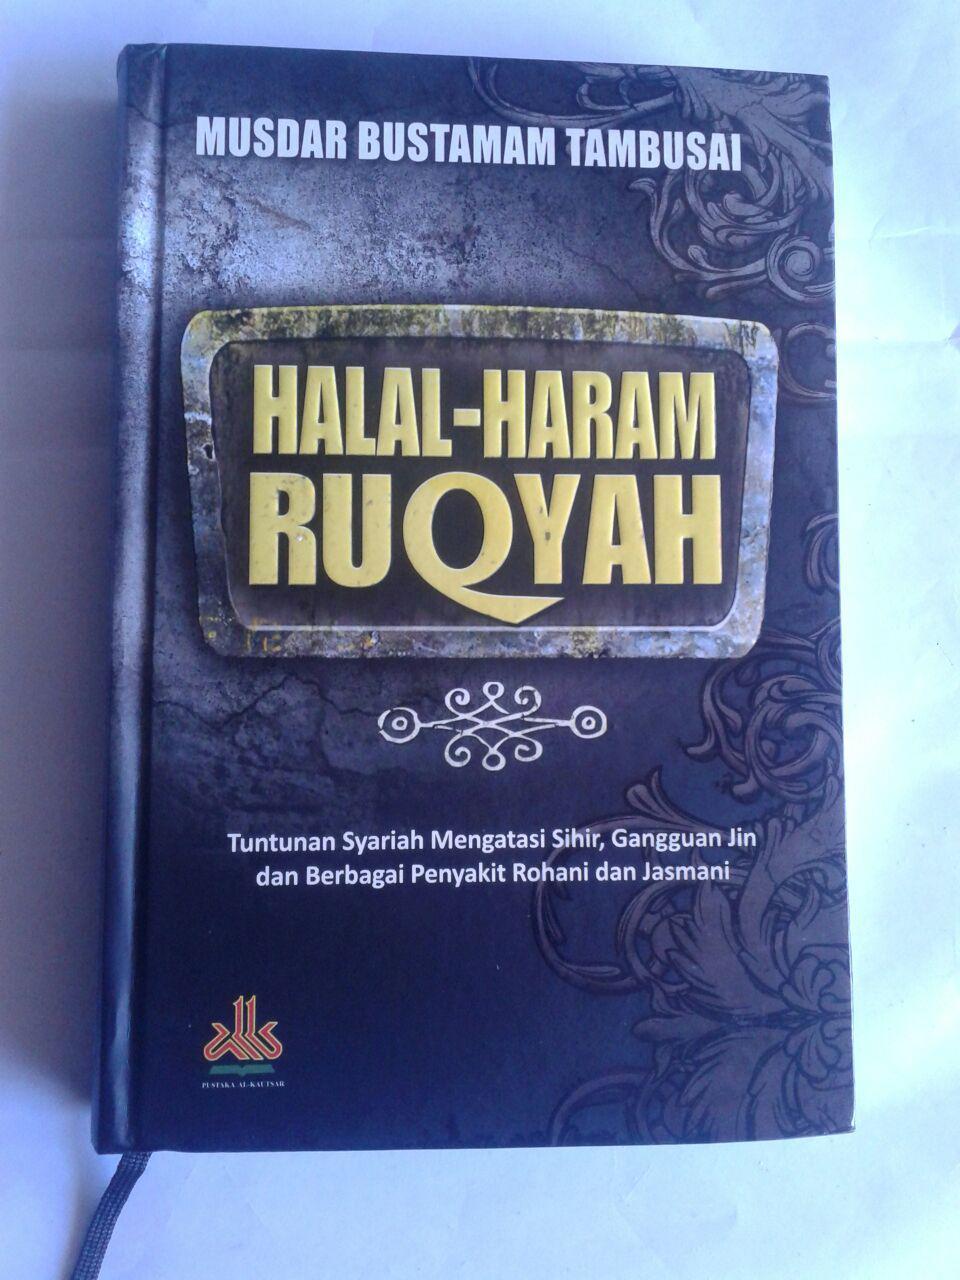 Buku Halal Haram Ruqyah Tuntunan Syariah Mengatasi Sihir cover 2